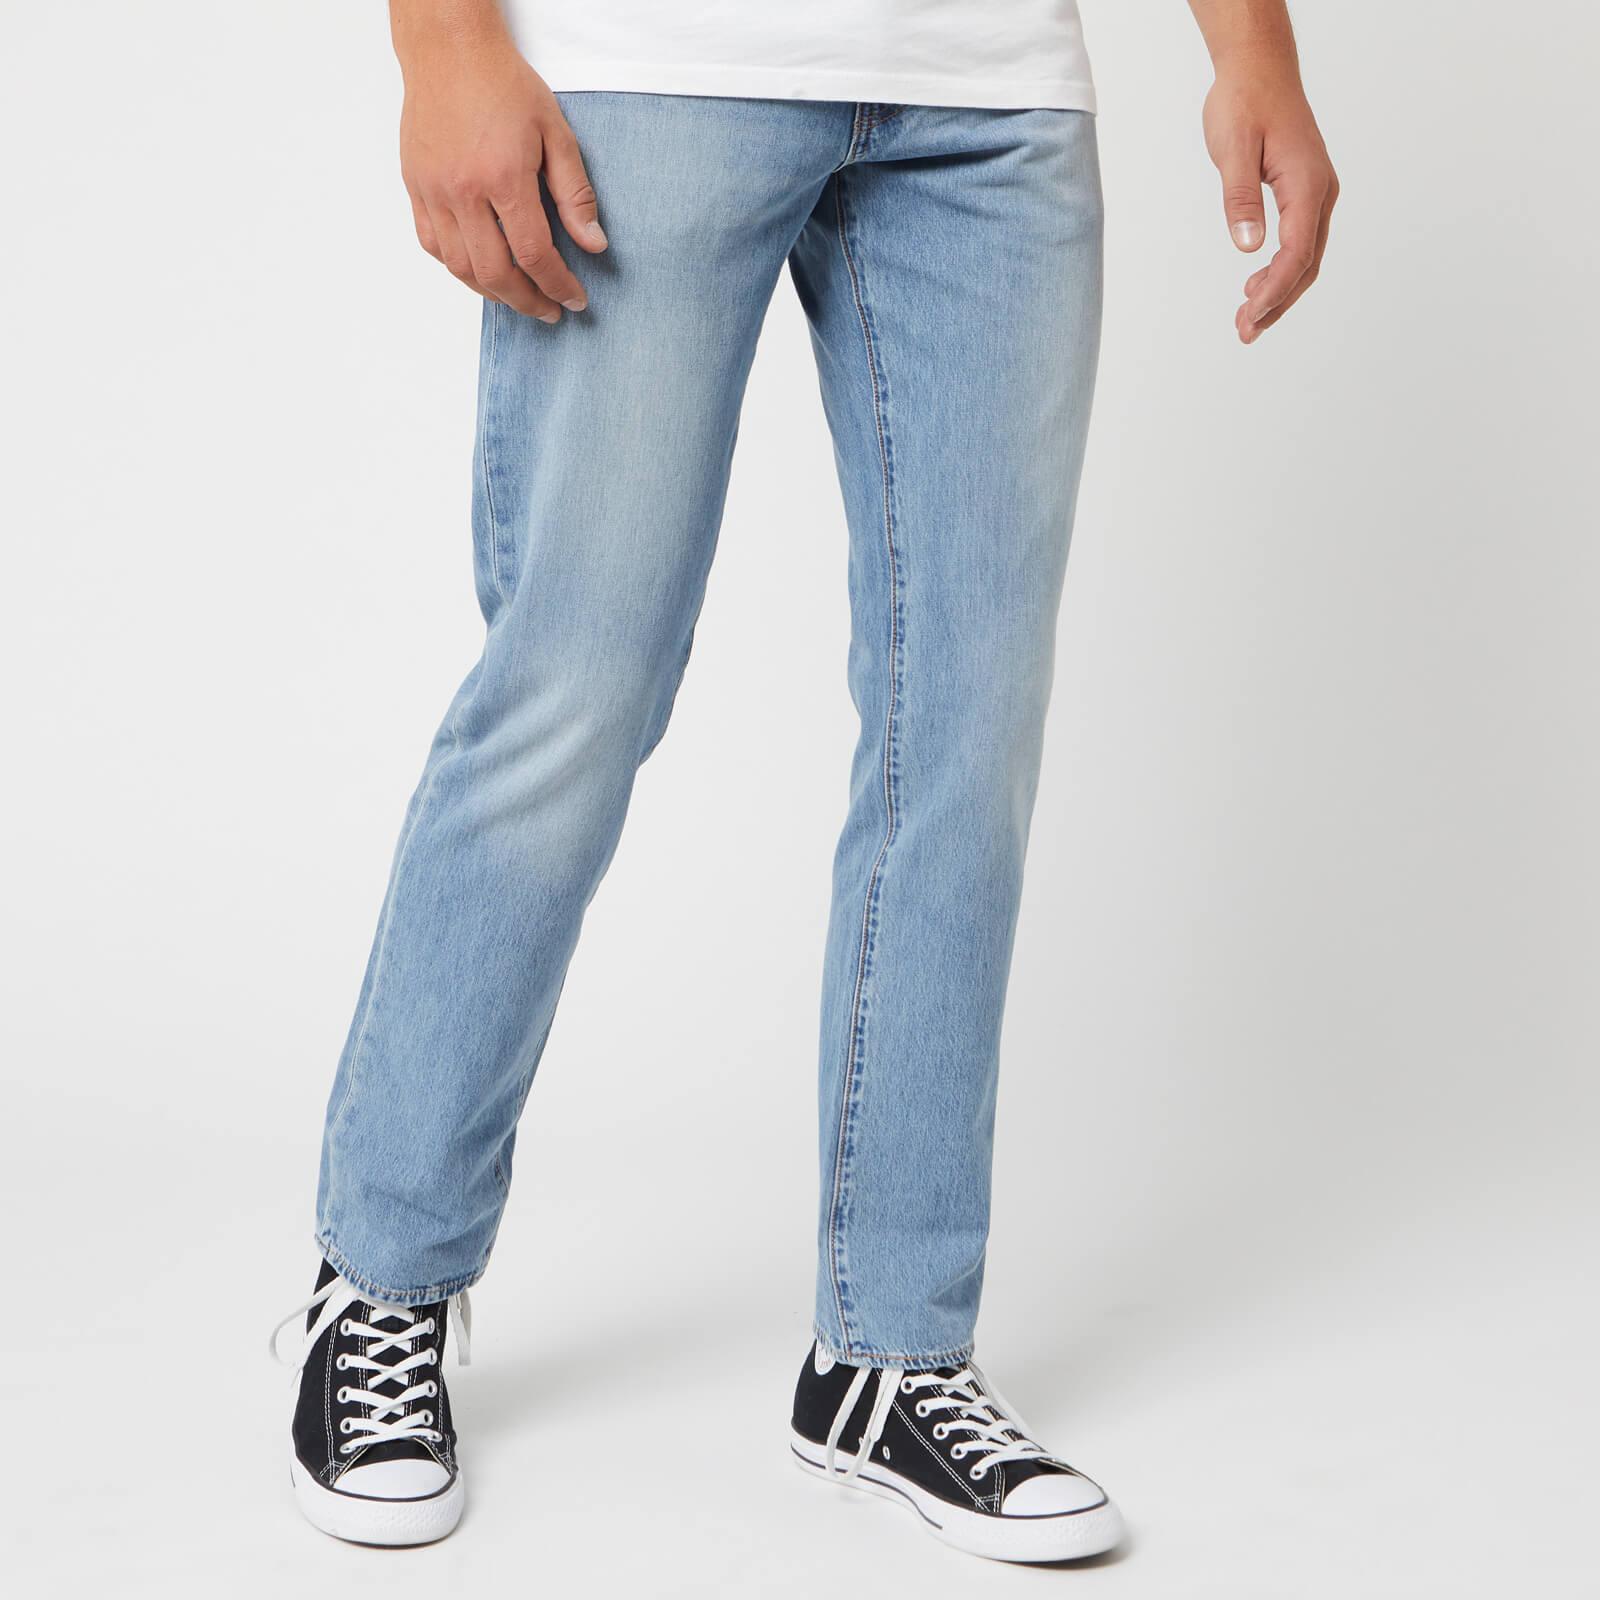 Levi's s 511 Slim Fit Jeans - Nurse Warp Cool - W32/L34